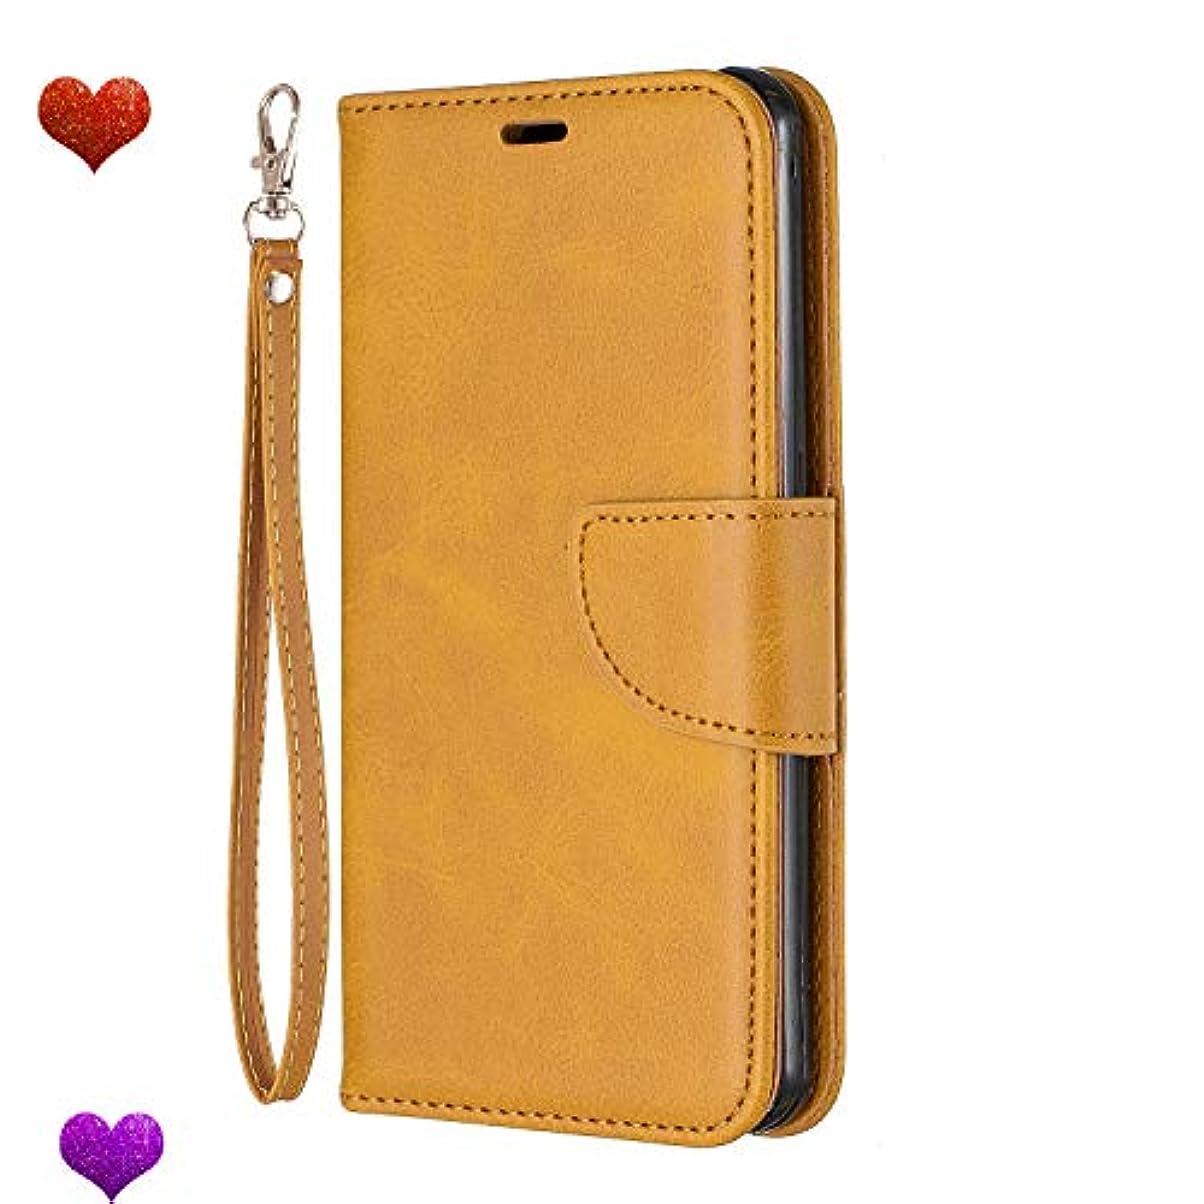 取り扱い下に残忍なSamsung Galaxy A3 2017 ケース 手帳型 本革 レザー カバー 財布型 スタンド機能 カードポケット 耐摩擦 耐汚れ 全面保護 人気 アイフォン